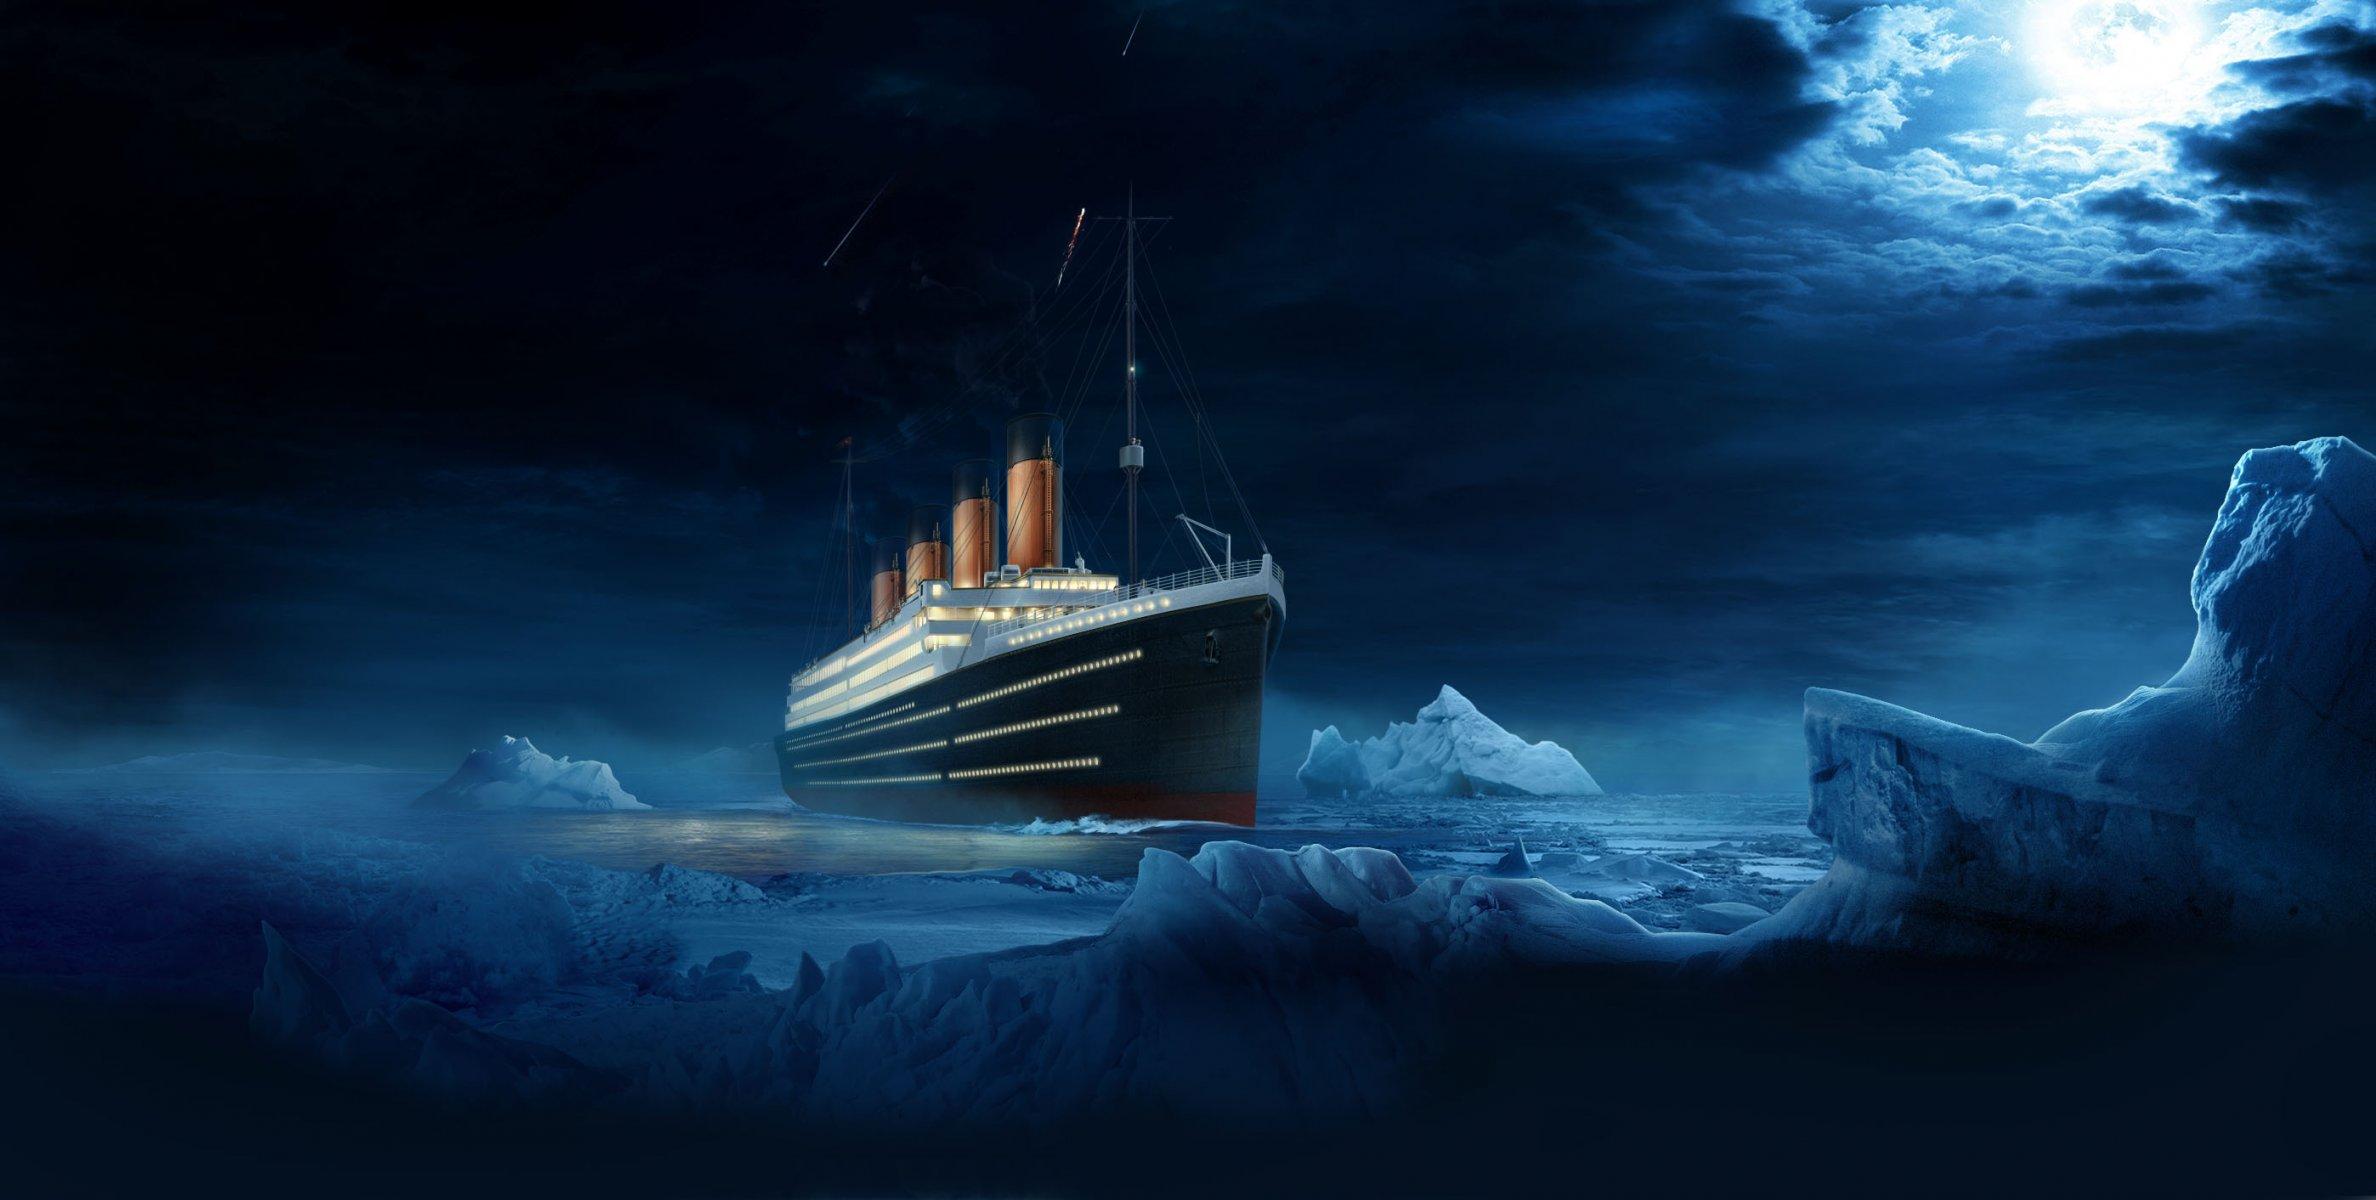 Обои лодка, бутылка, судно, настроения, Вода, корабль. Настроения foto 8